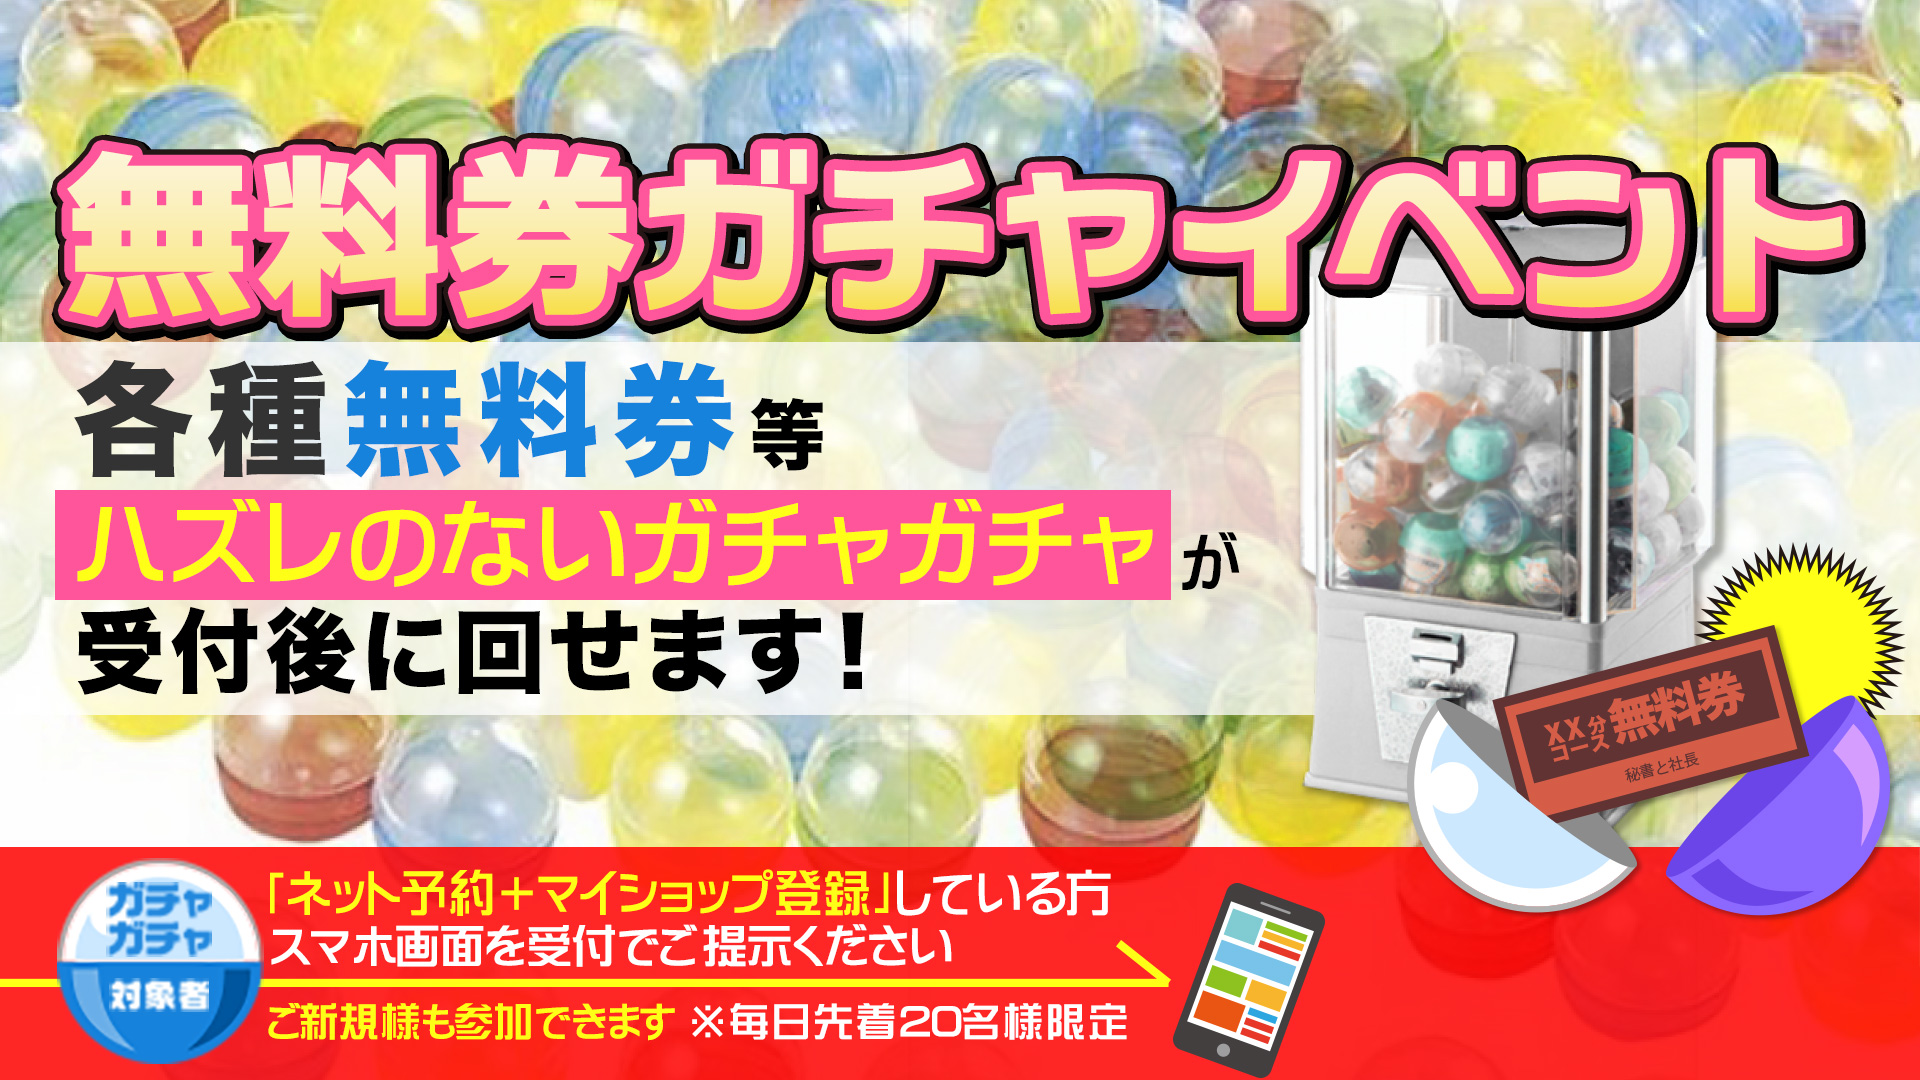 無料券ガチャイベント再開!ネット予約+マイショップ登録だけ!!